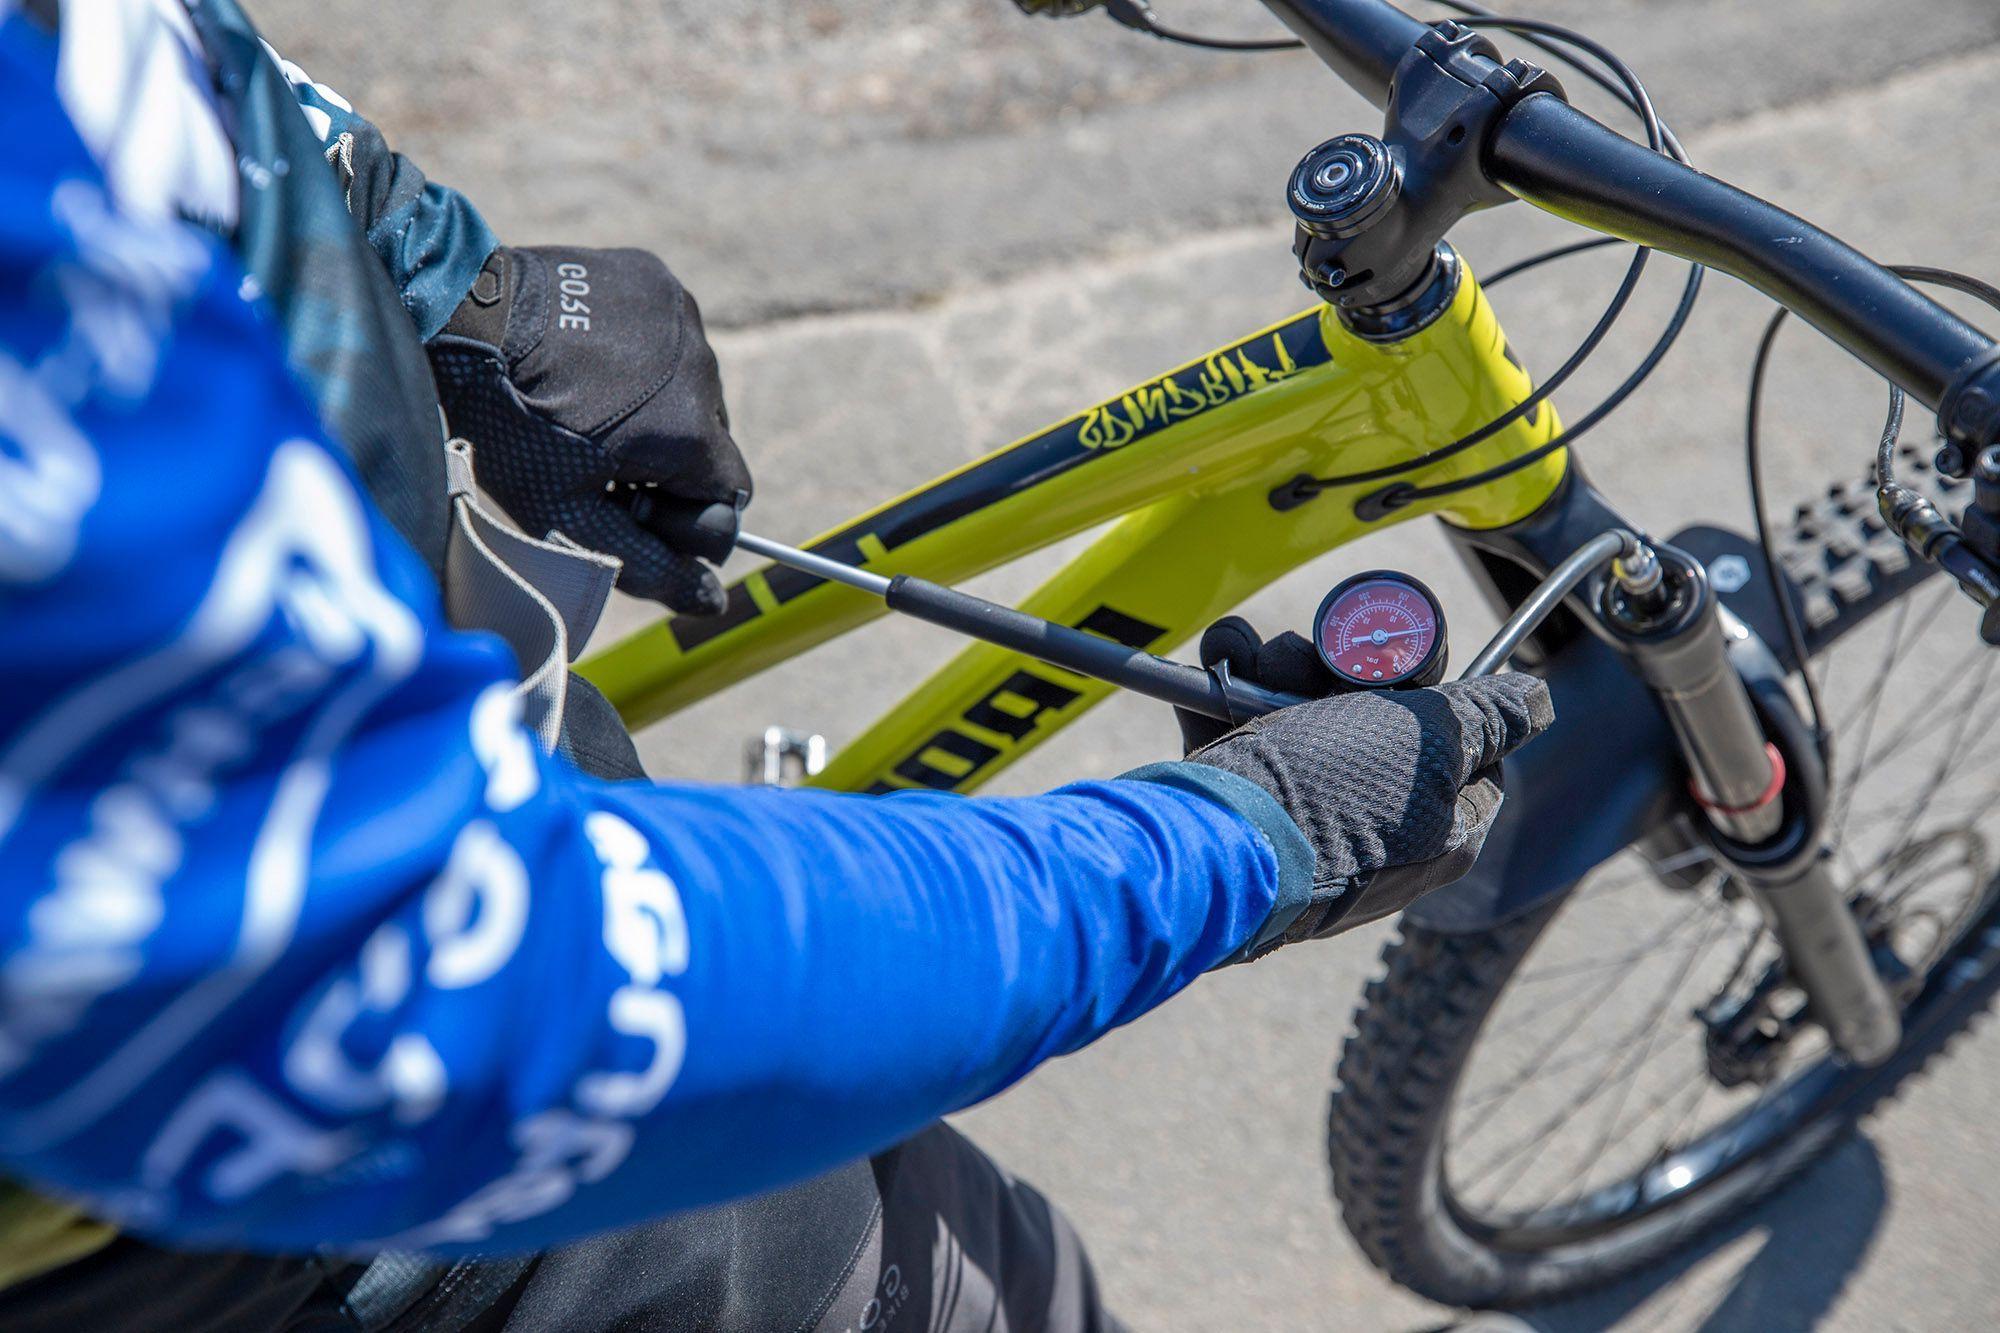 MTB Fahrtechnik Kurs Fortgeschrittene in Hamburg - Harburger Berge Norden - Mountainbike Fortgeschritten - Rock my Trail Bikeschule - 11